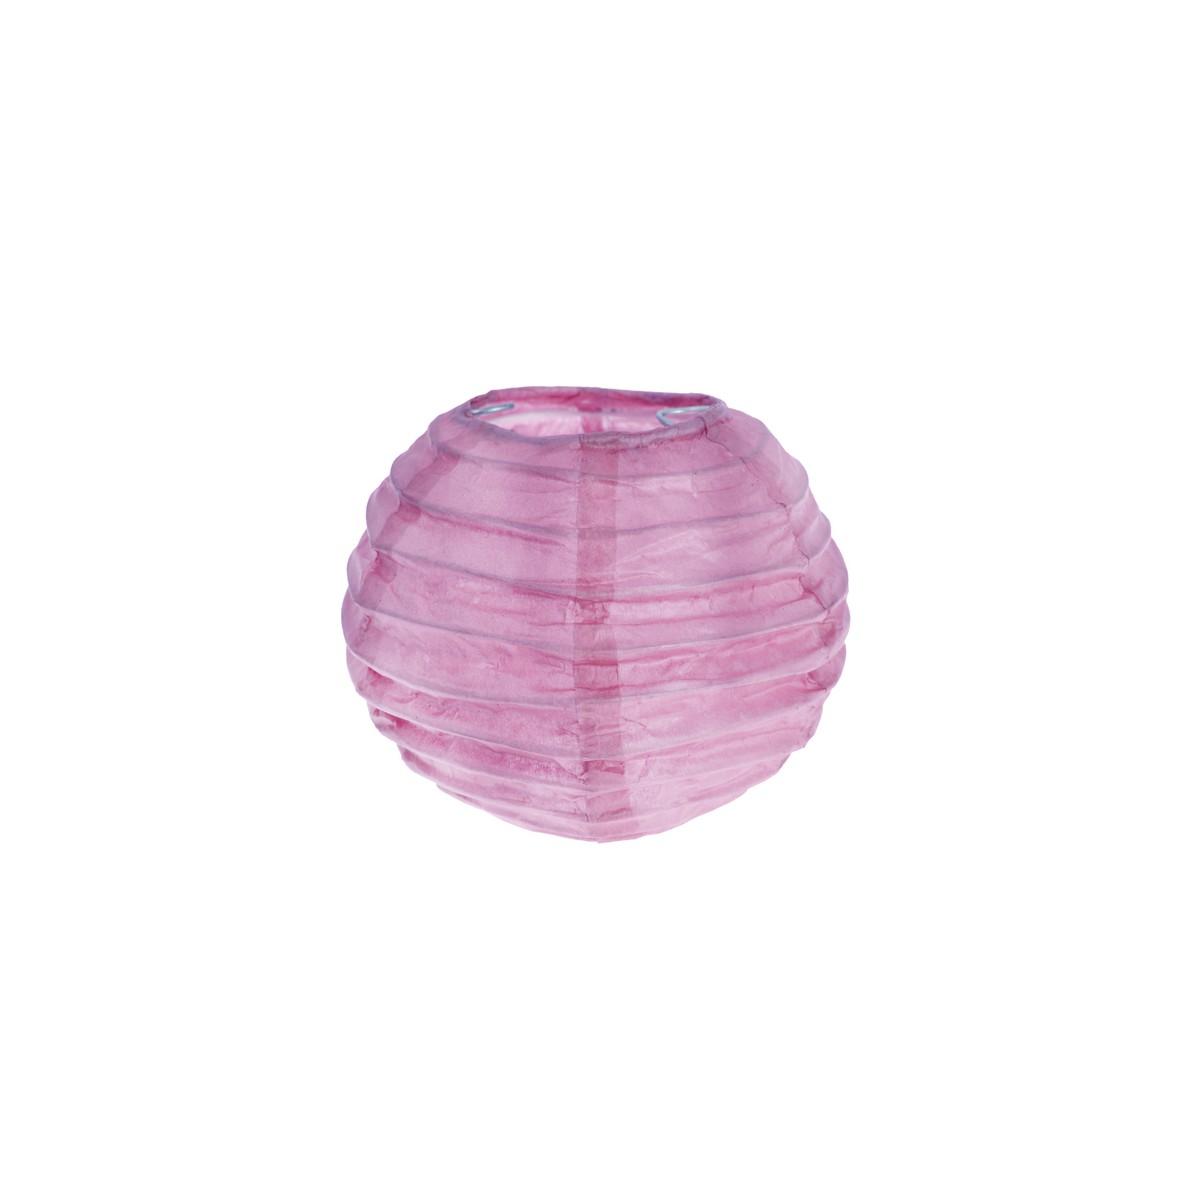 2x Petite Lanterne Papier 10cm - Parme